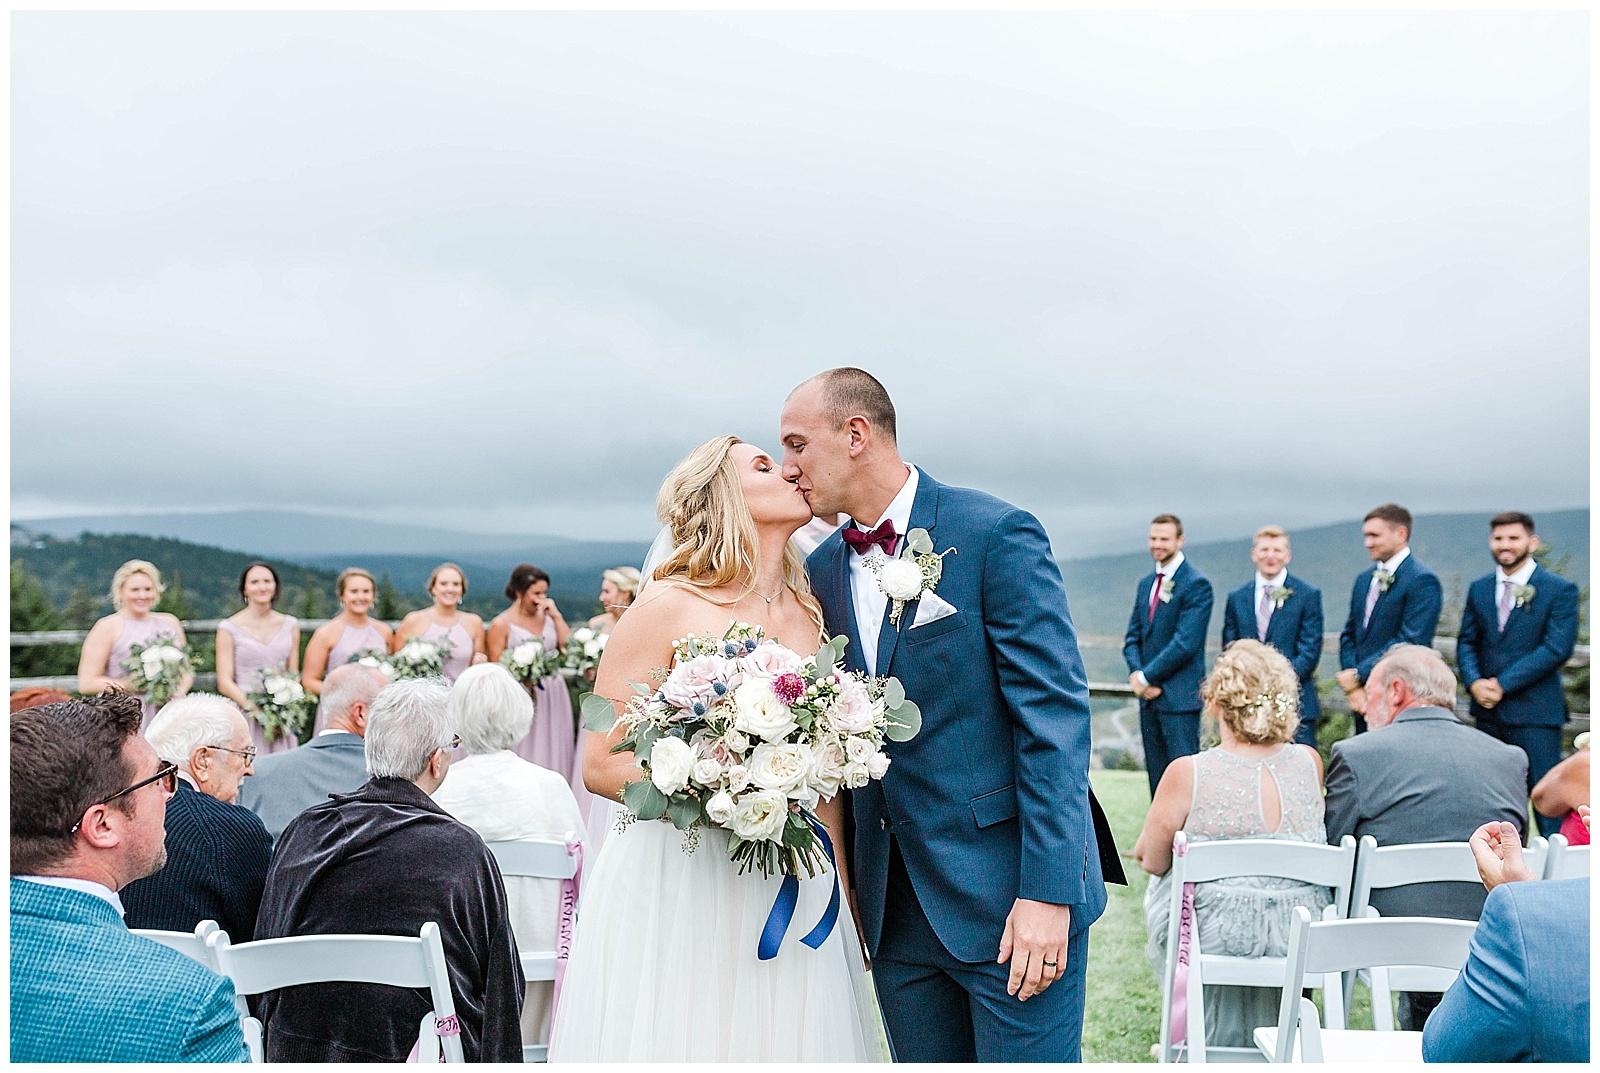 Saiko_Kara_Blakeman_Photography_Snowshoe_Wedding_Wv_2018_45